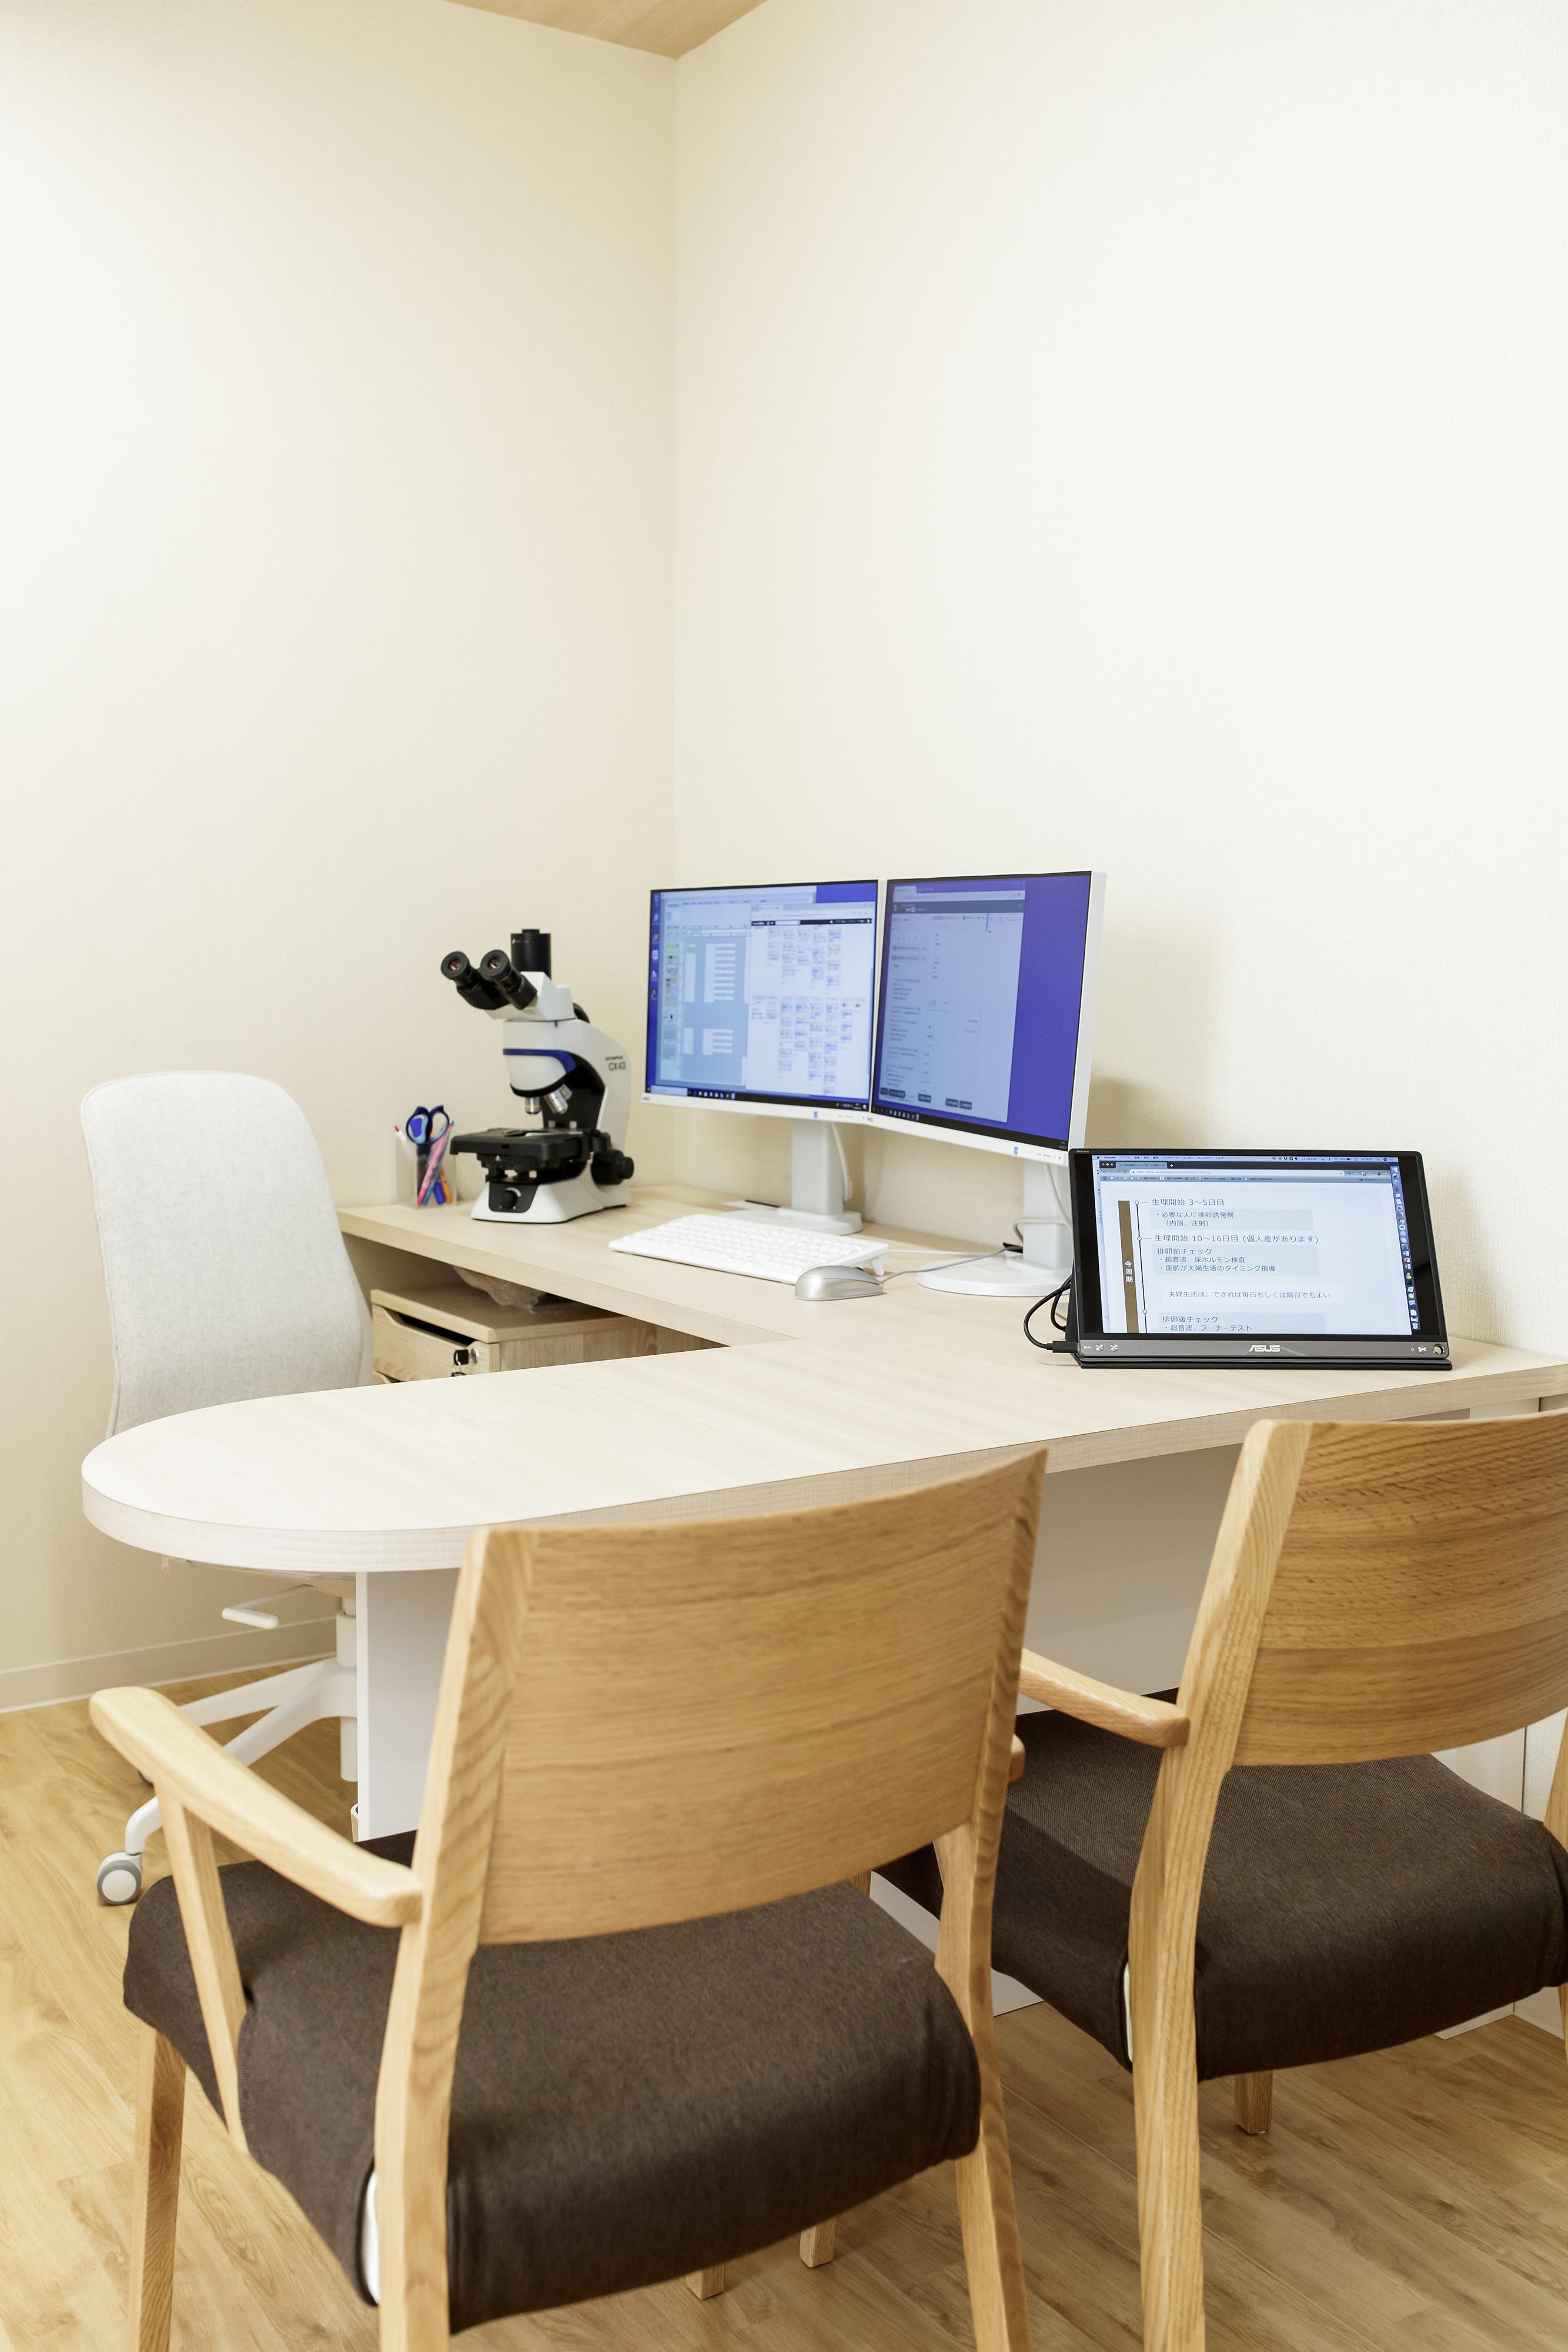 負担の少ない不妊治療の恵比寿レディースクリニックの診察室